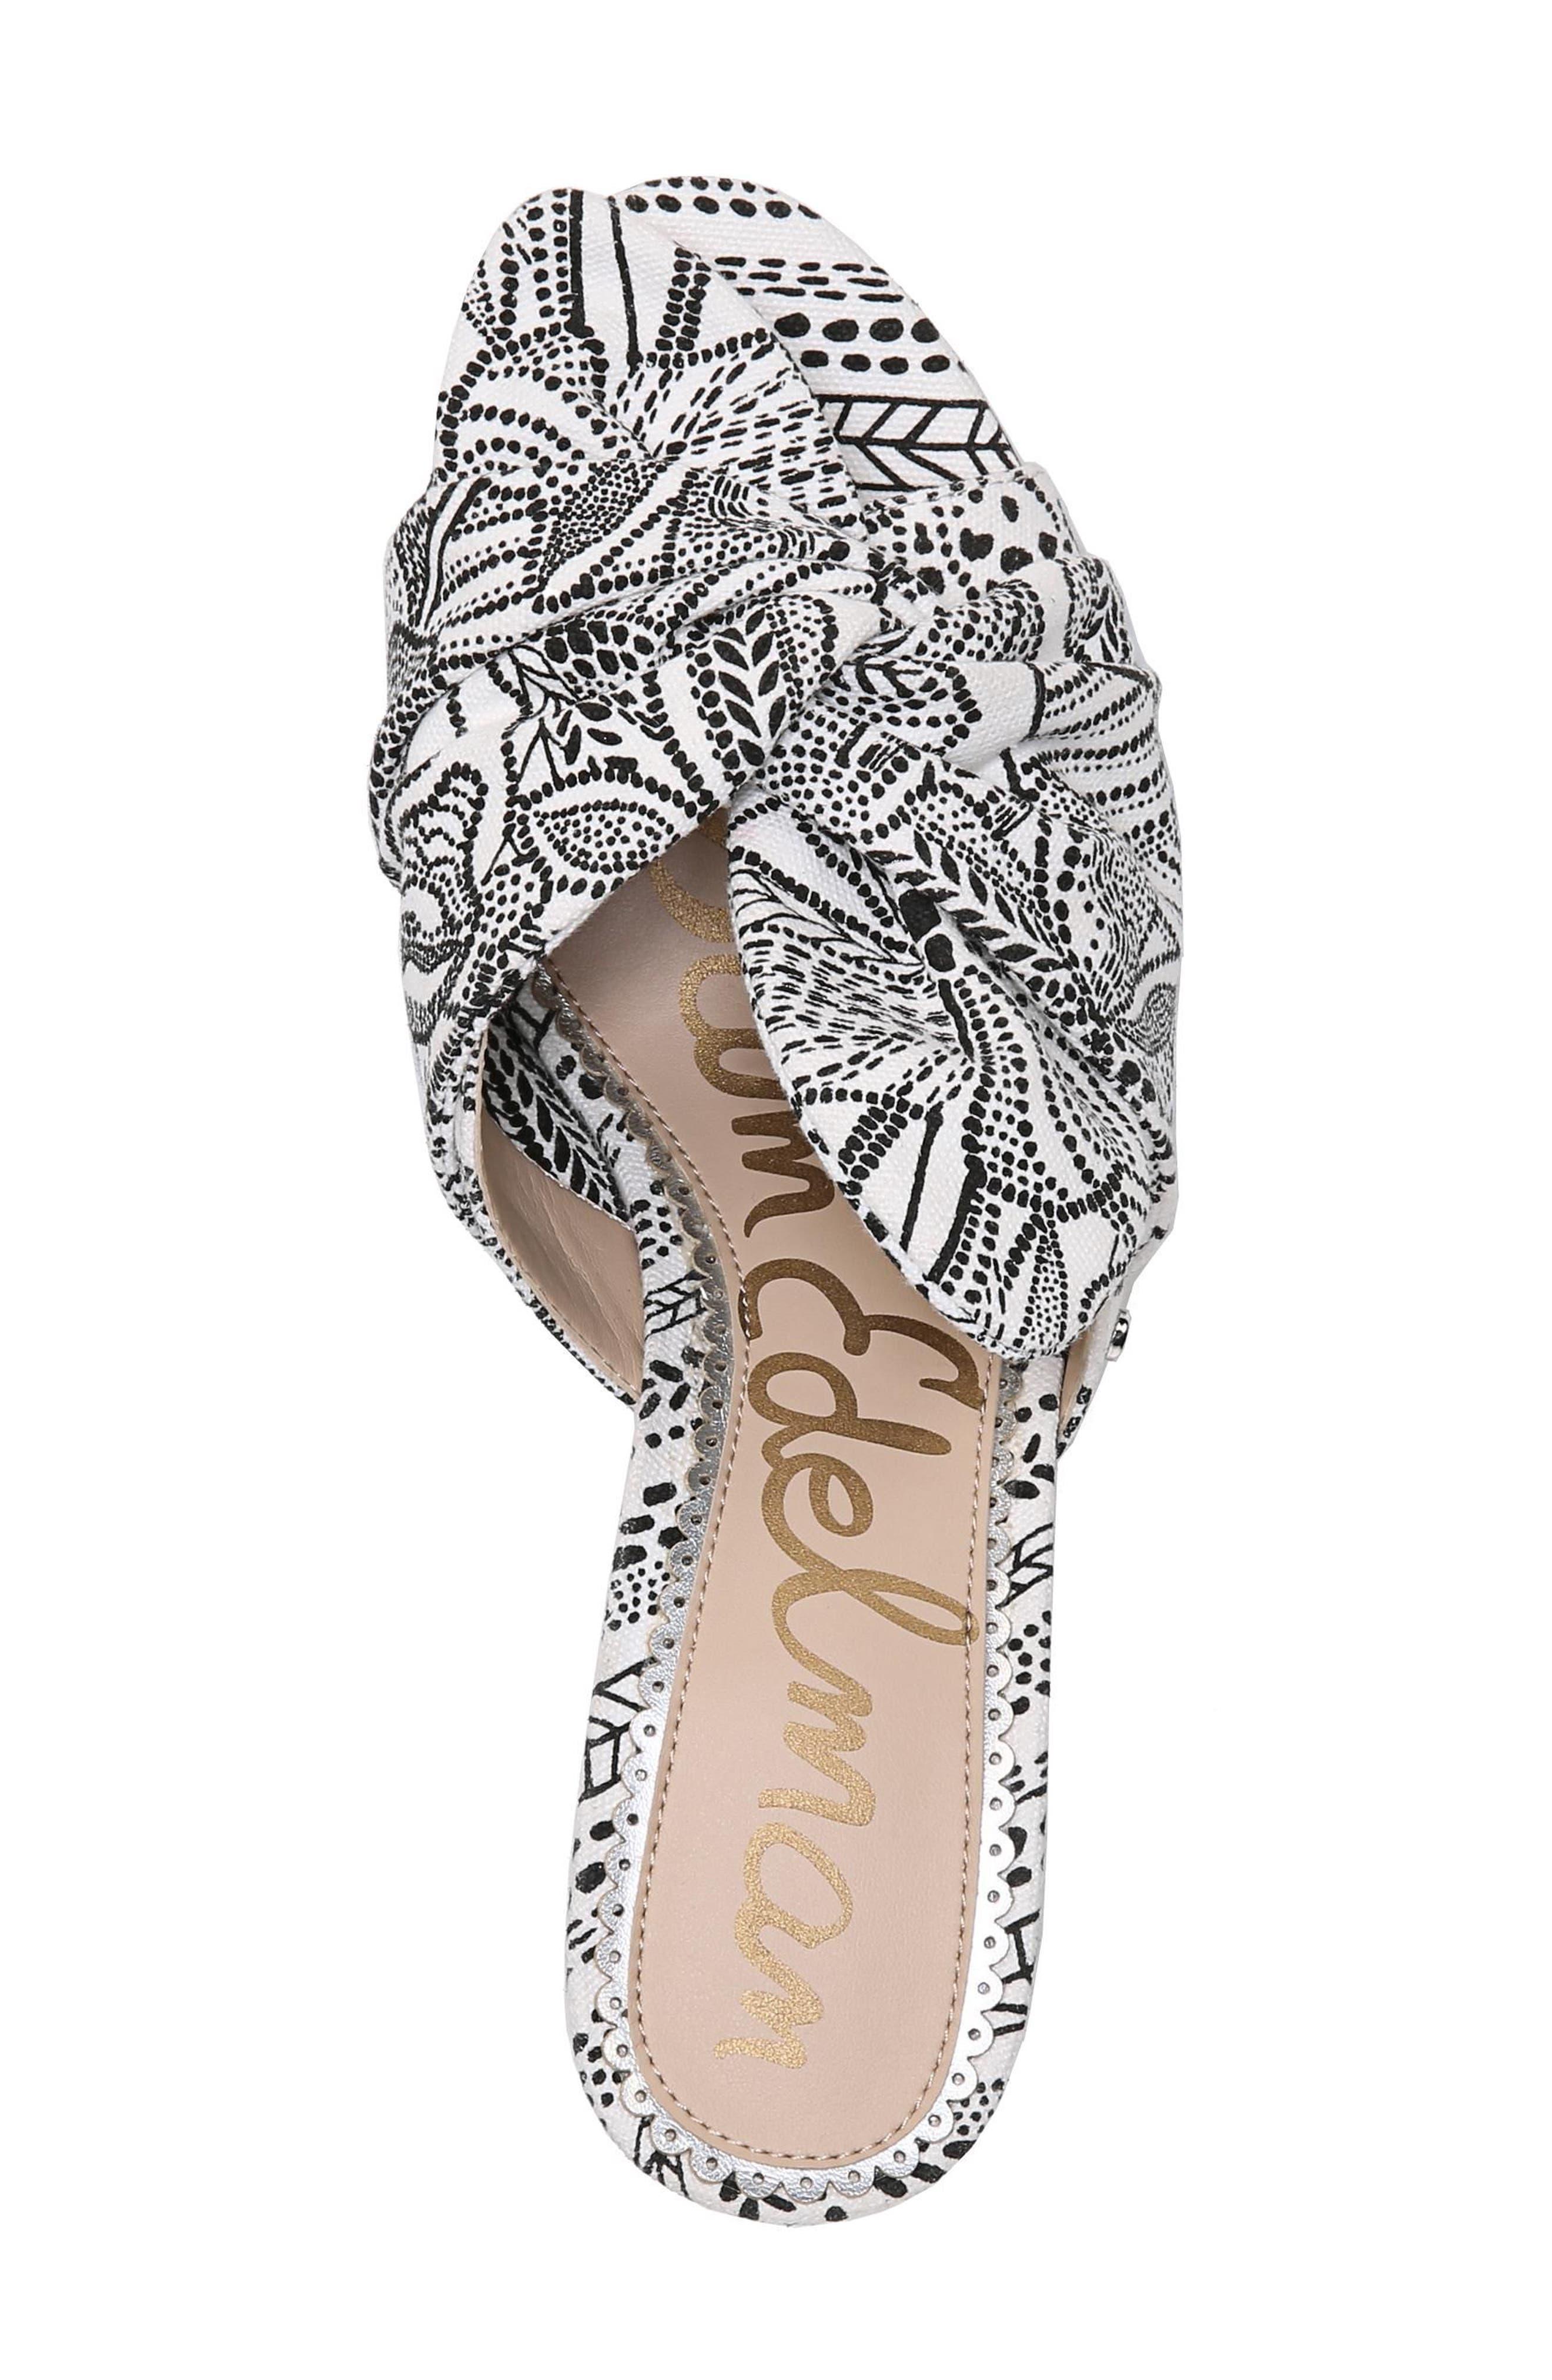 Oda Slide Sandal,                             Alternate thumbnail 8, color,                             White Multi Print